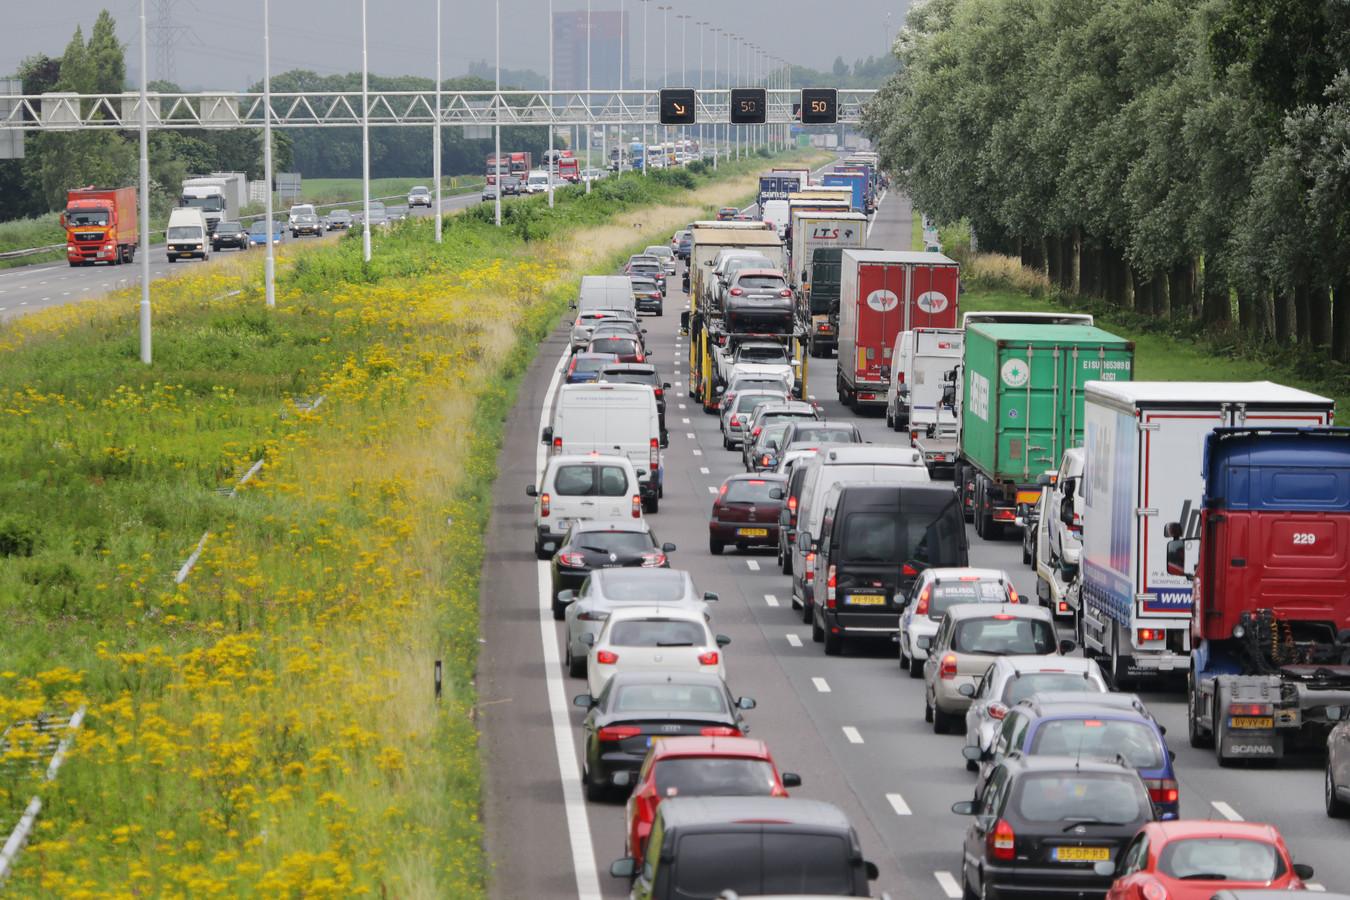 Het gebeurt regelmatig dat er een lange file op de A16 staat doordat de Drechttunnel is afgesloten. Foto ter illustratie.